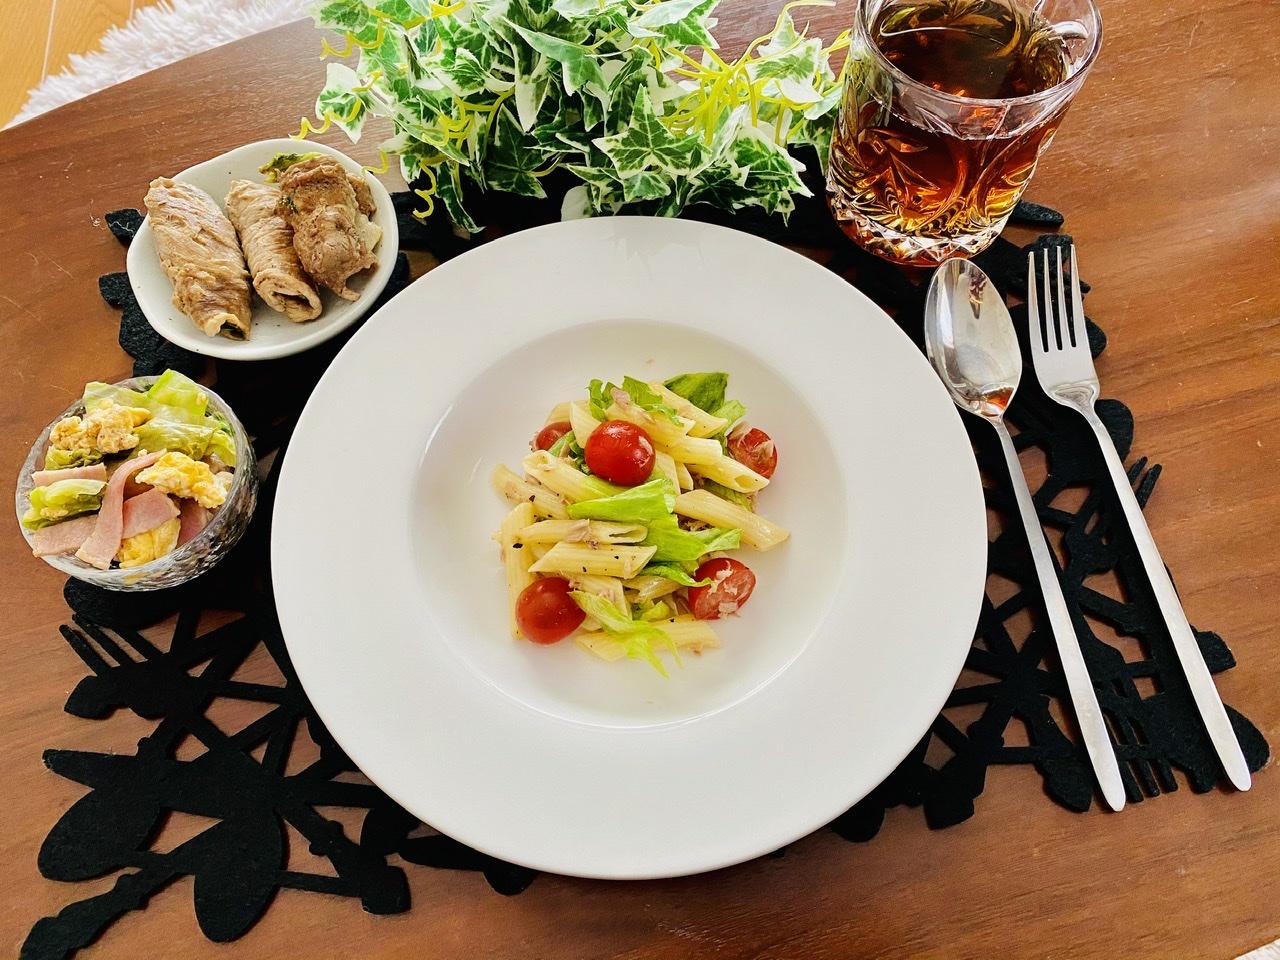 【今月のお家ごはん】アラサー女子の食卓!作り置きおかずでラク晩ご飯♡-Vol.15-_4